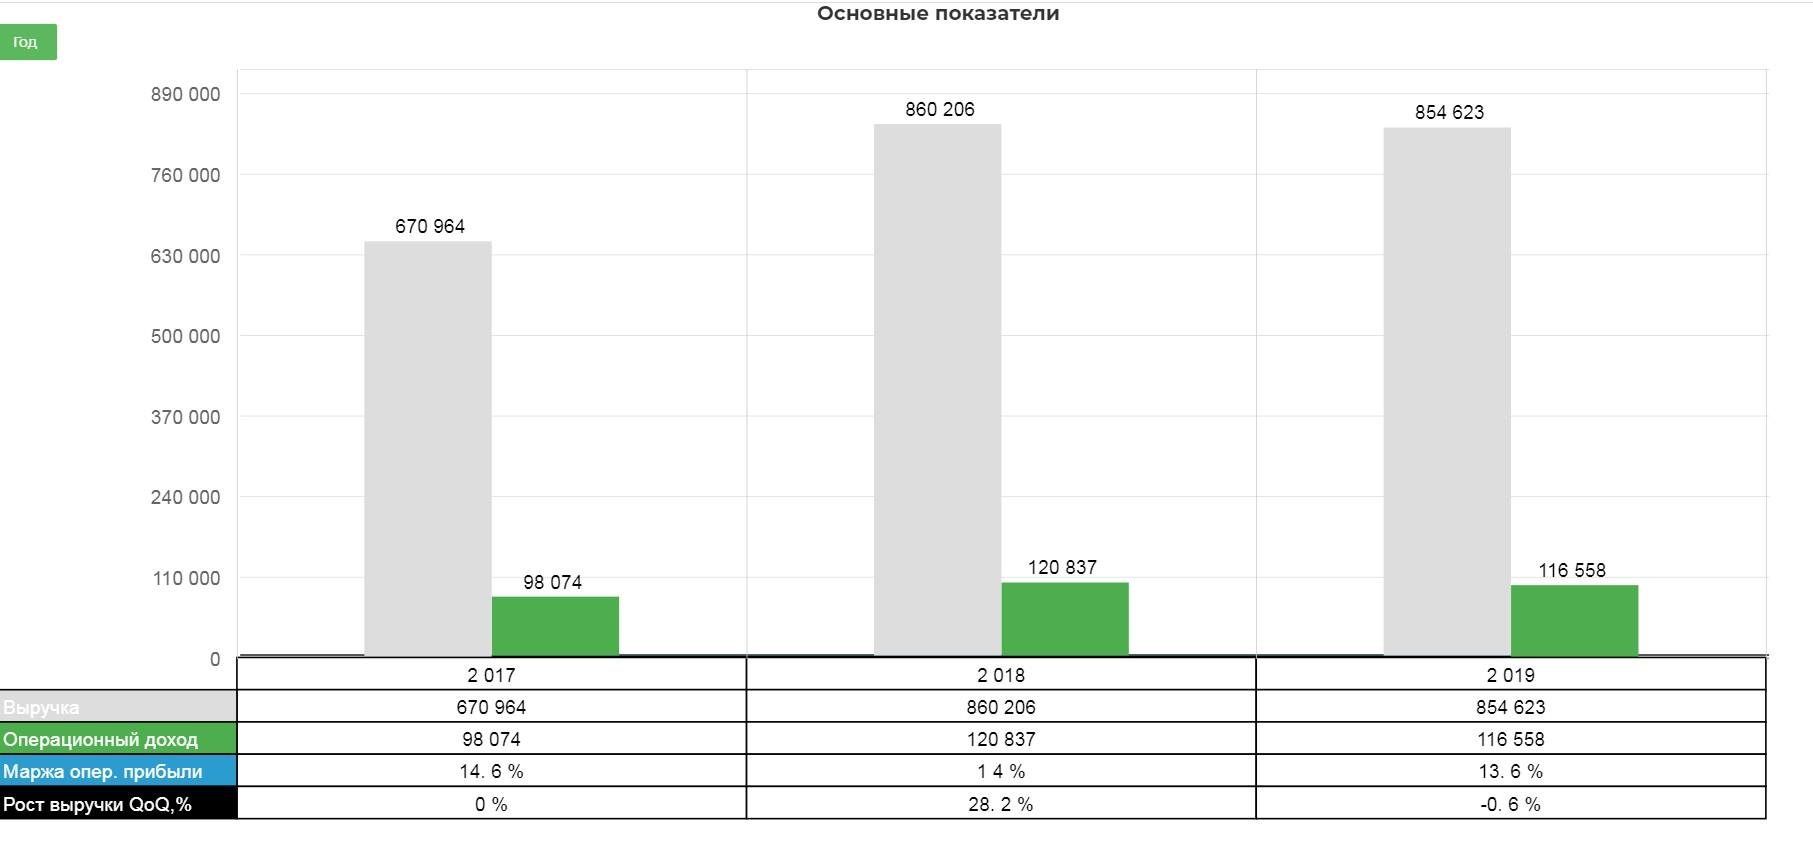 Башнефть. Обзор финансовых показателей за 4-ый квартал 2019 года. Рост долга, при сохранении операционных результатов.